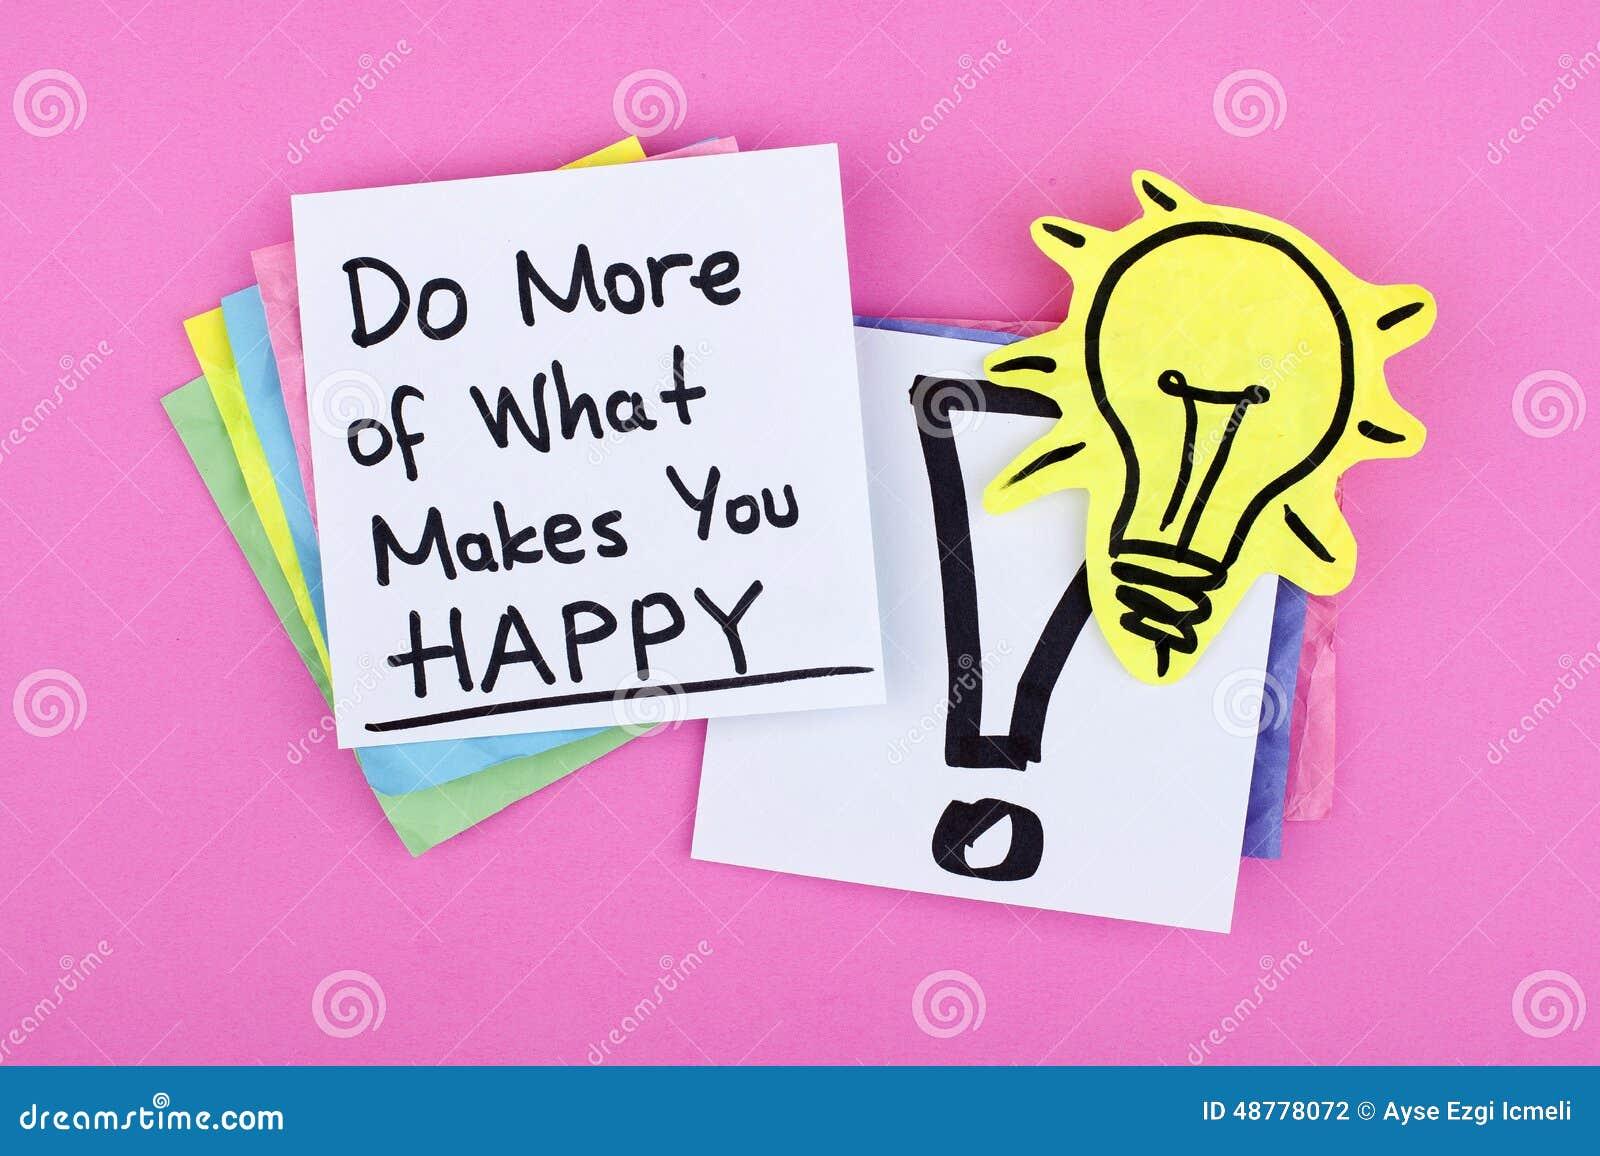 motivational inspirational phrase note message do more. Black Bedroom Furniture Sets. Home Design Ideas